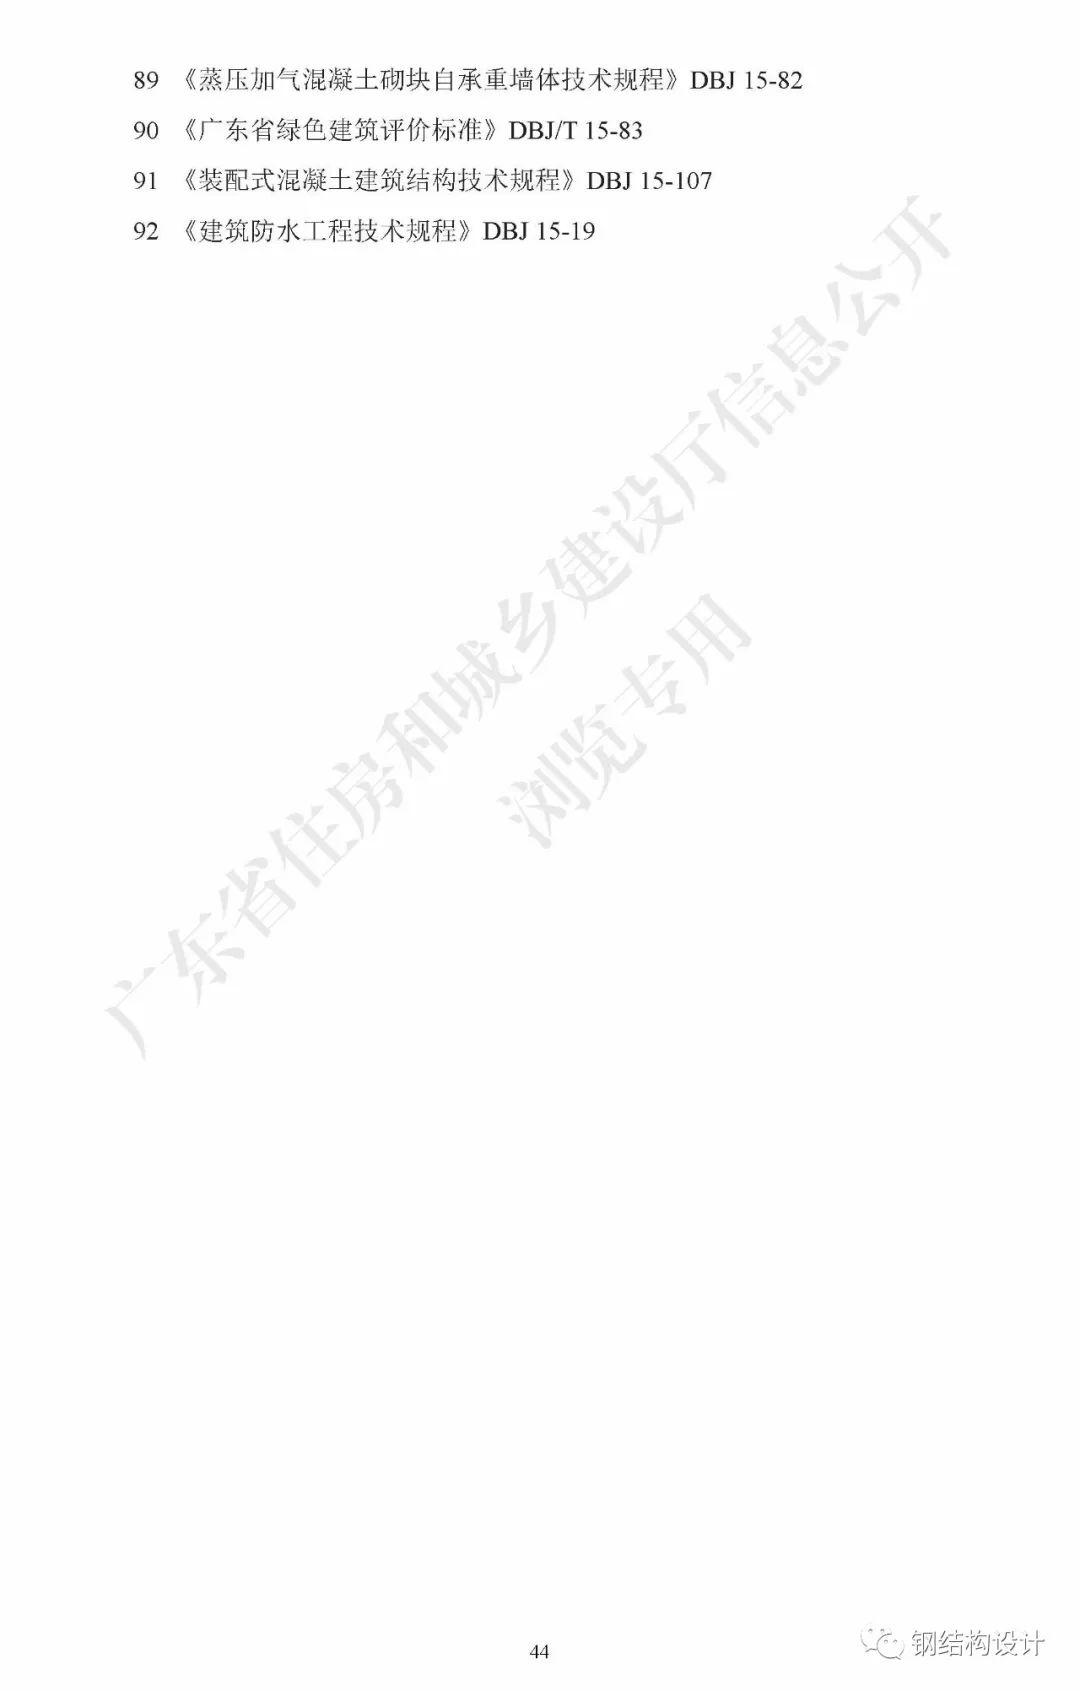 广东省《装配式钢结构建筑技术规程》发布_54